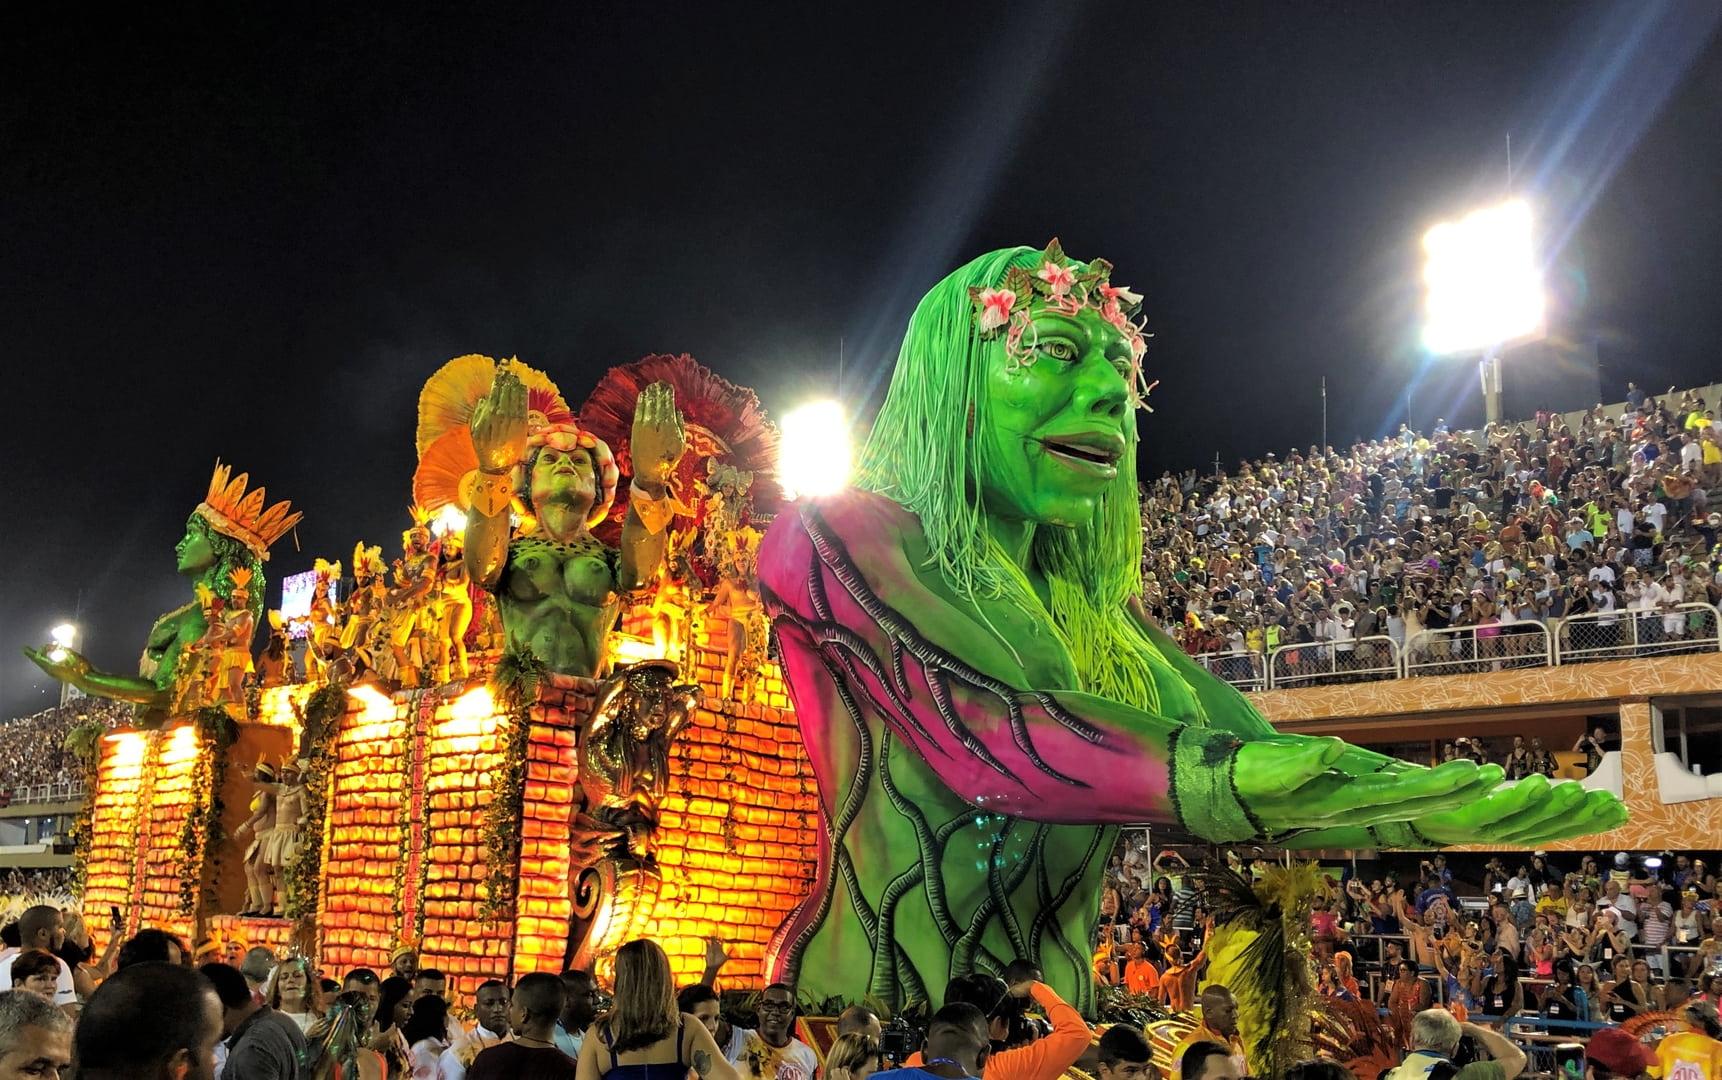 Sambadrome Procession (Brazil)